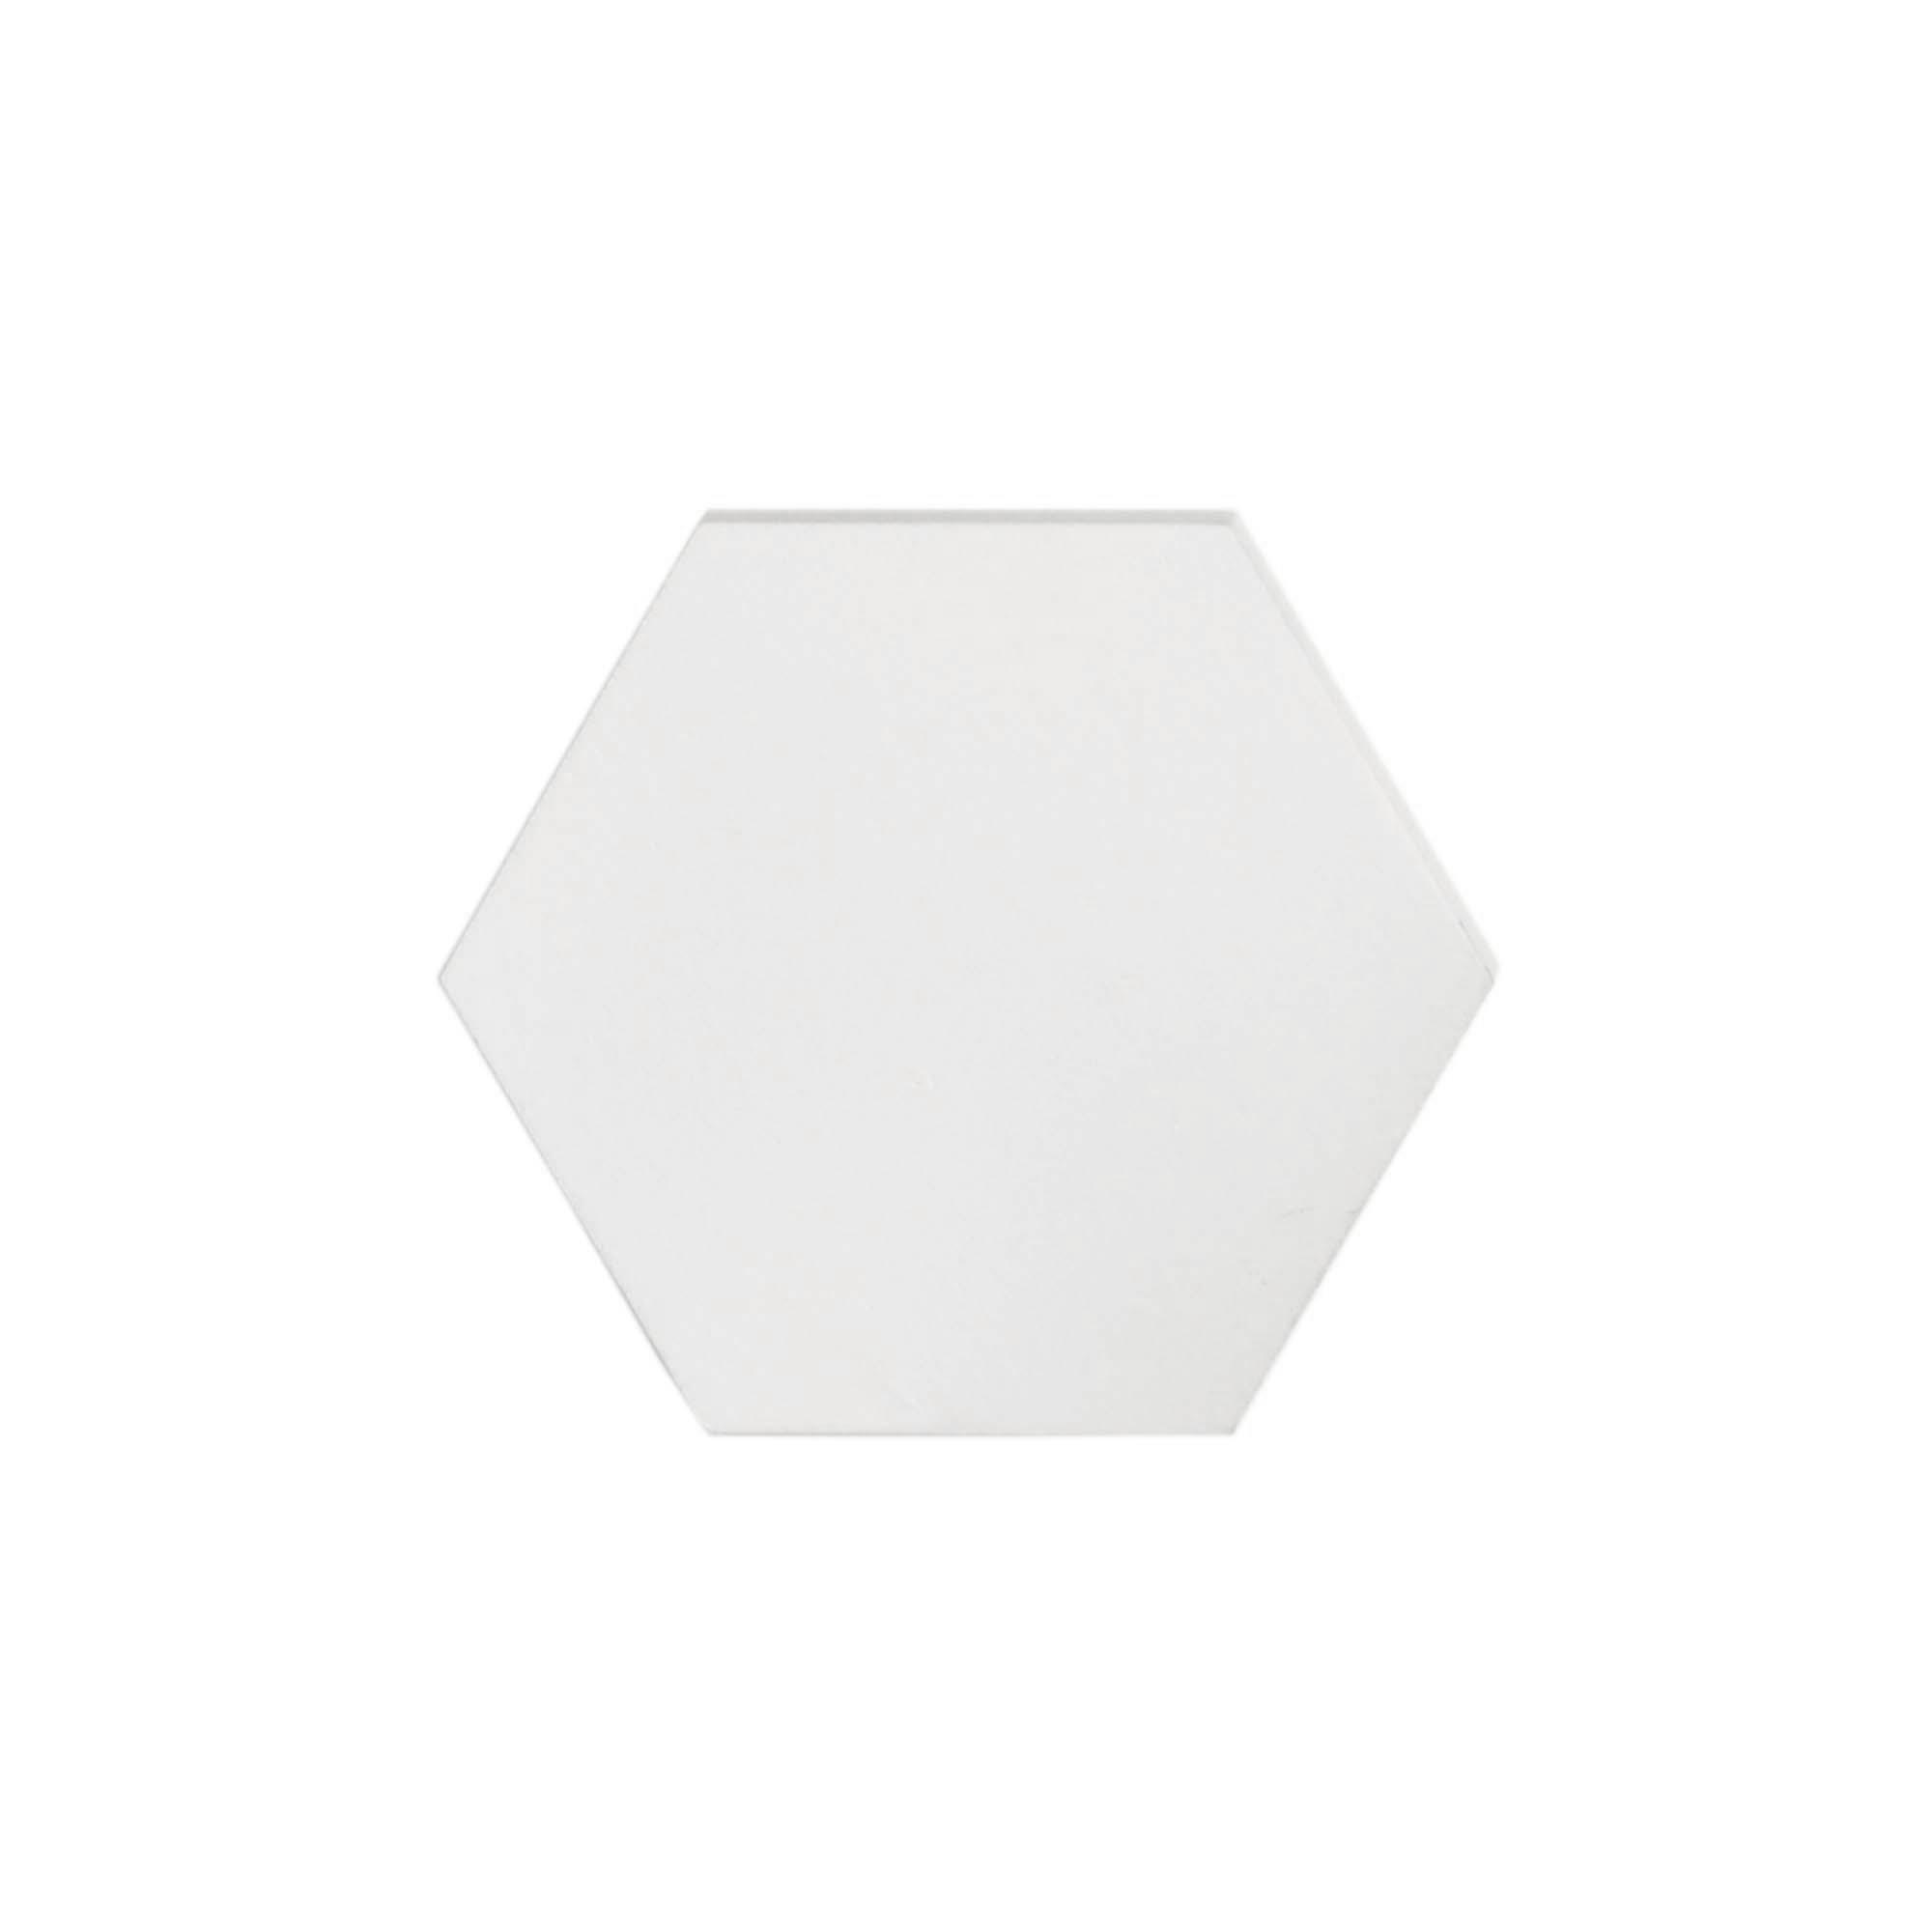 Gancho de parede Hexágono Branco